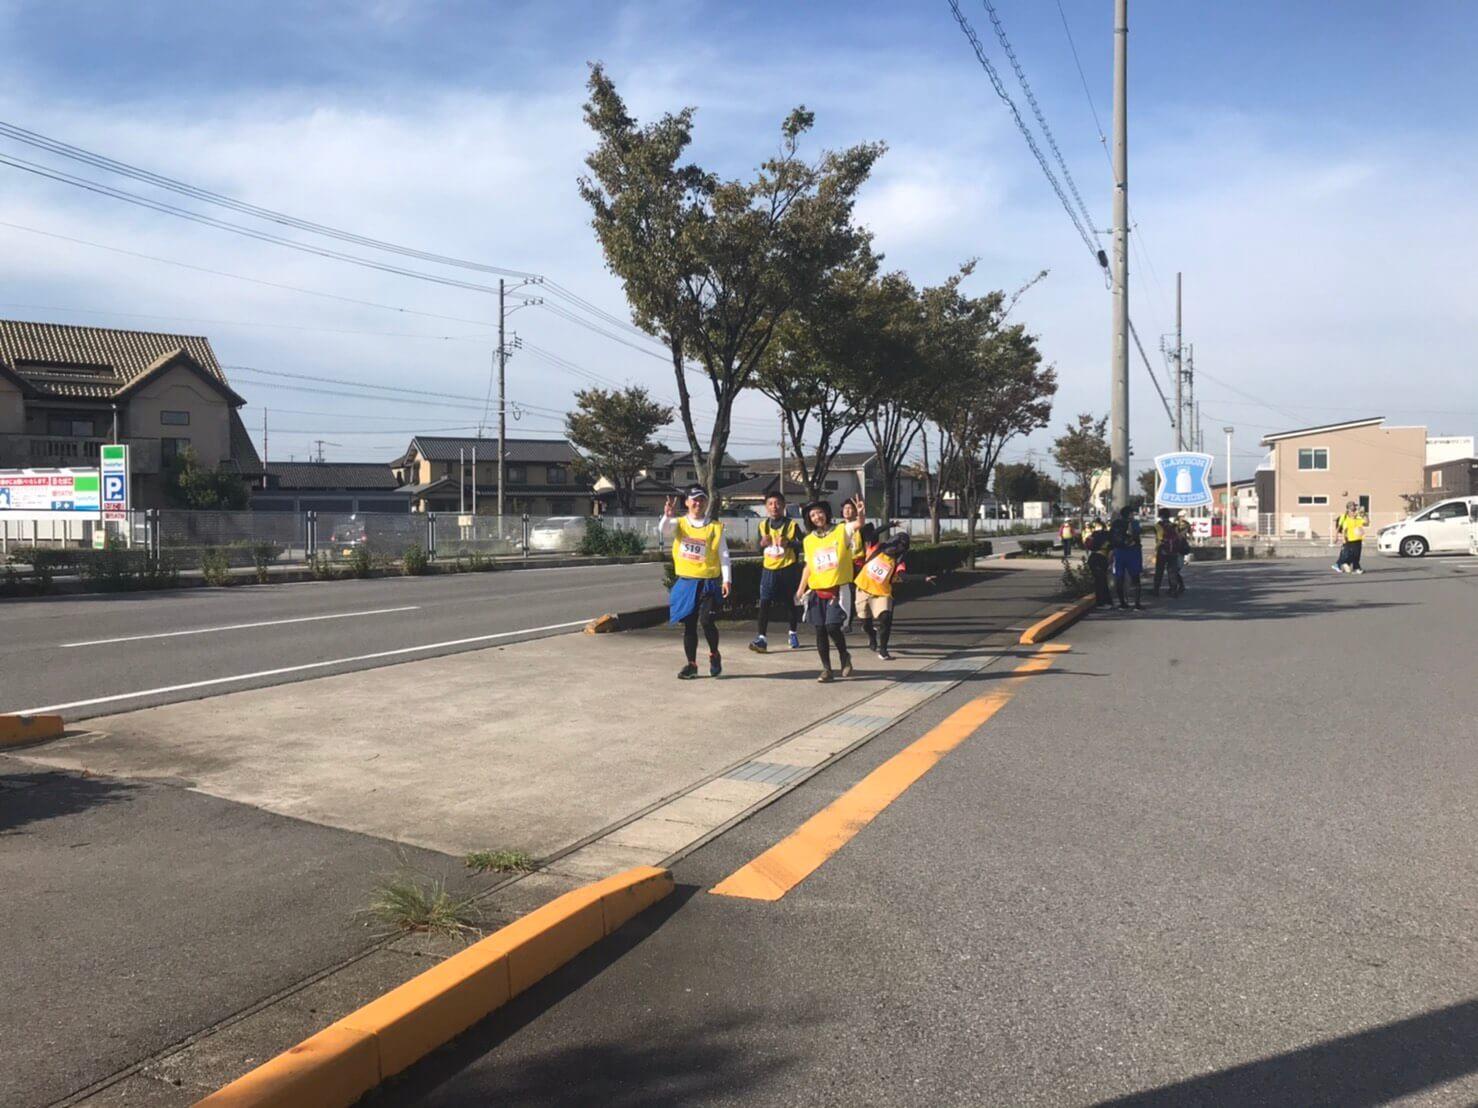 |安水建設|愛知県安城市を中心に三河エリアの木造注文住宅・リフォーム100キロ歩け歩け大会!